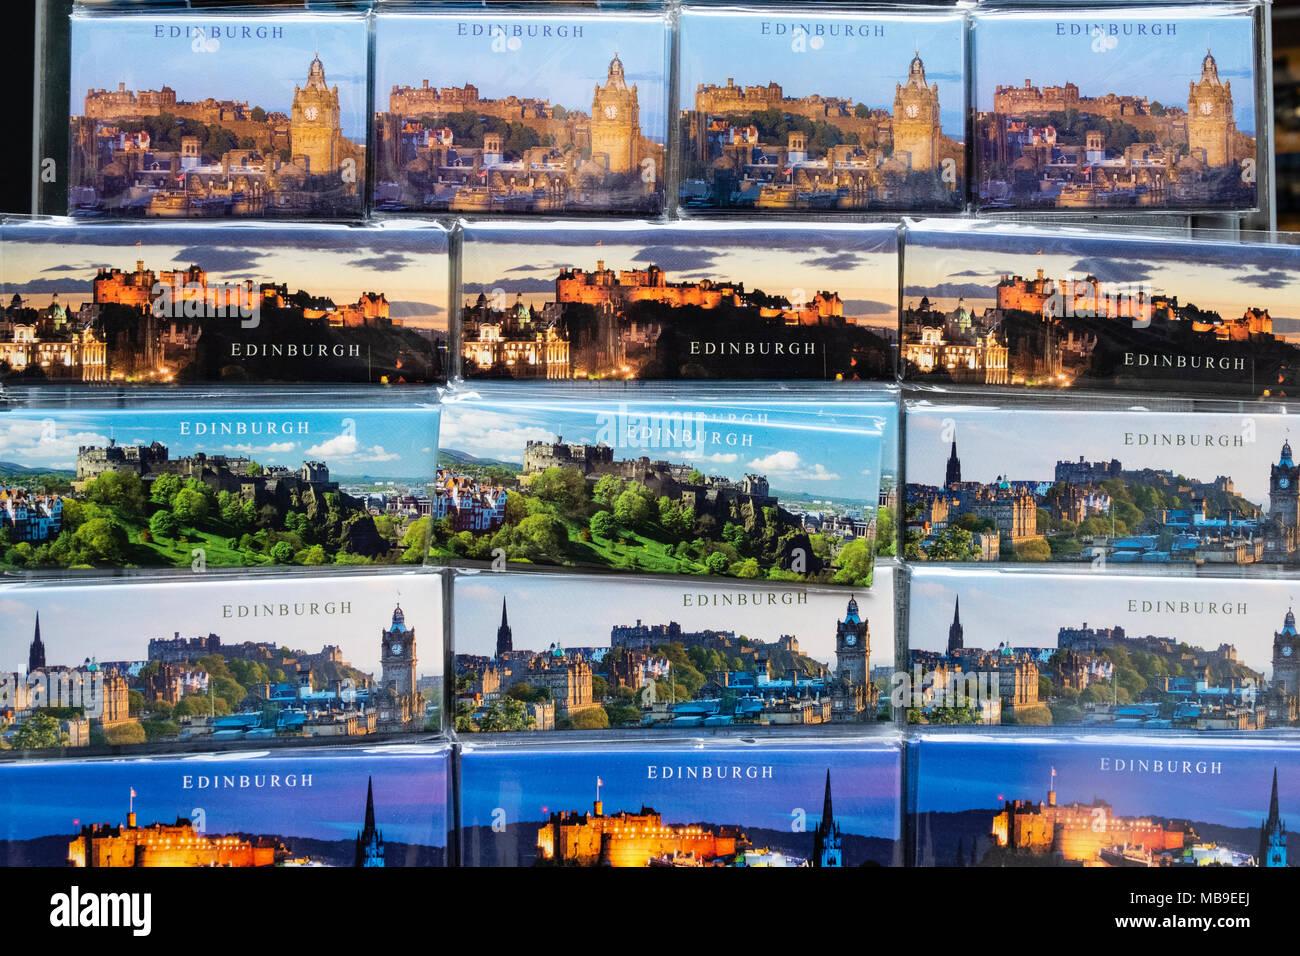 Dettaglio del turista magneti per il frigo con vedute di Edimburgo in vendita nel negozio di souvenir sul Royal Mile di Edimburgo, in Scozia, Regno Unito Immagini Stock